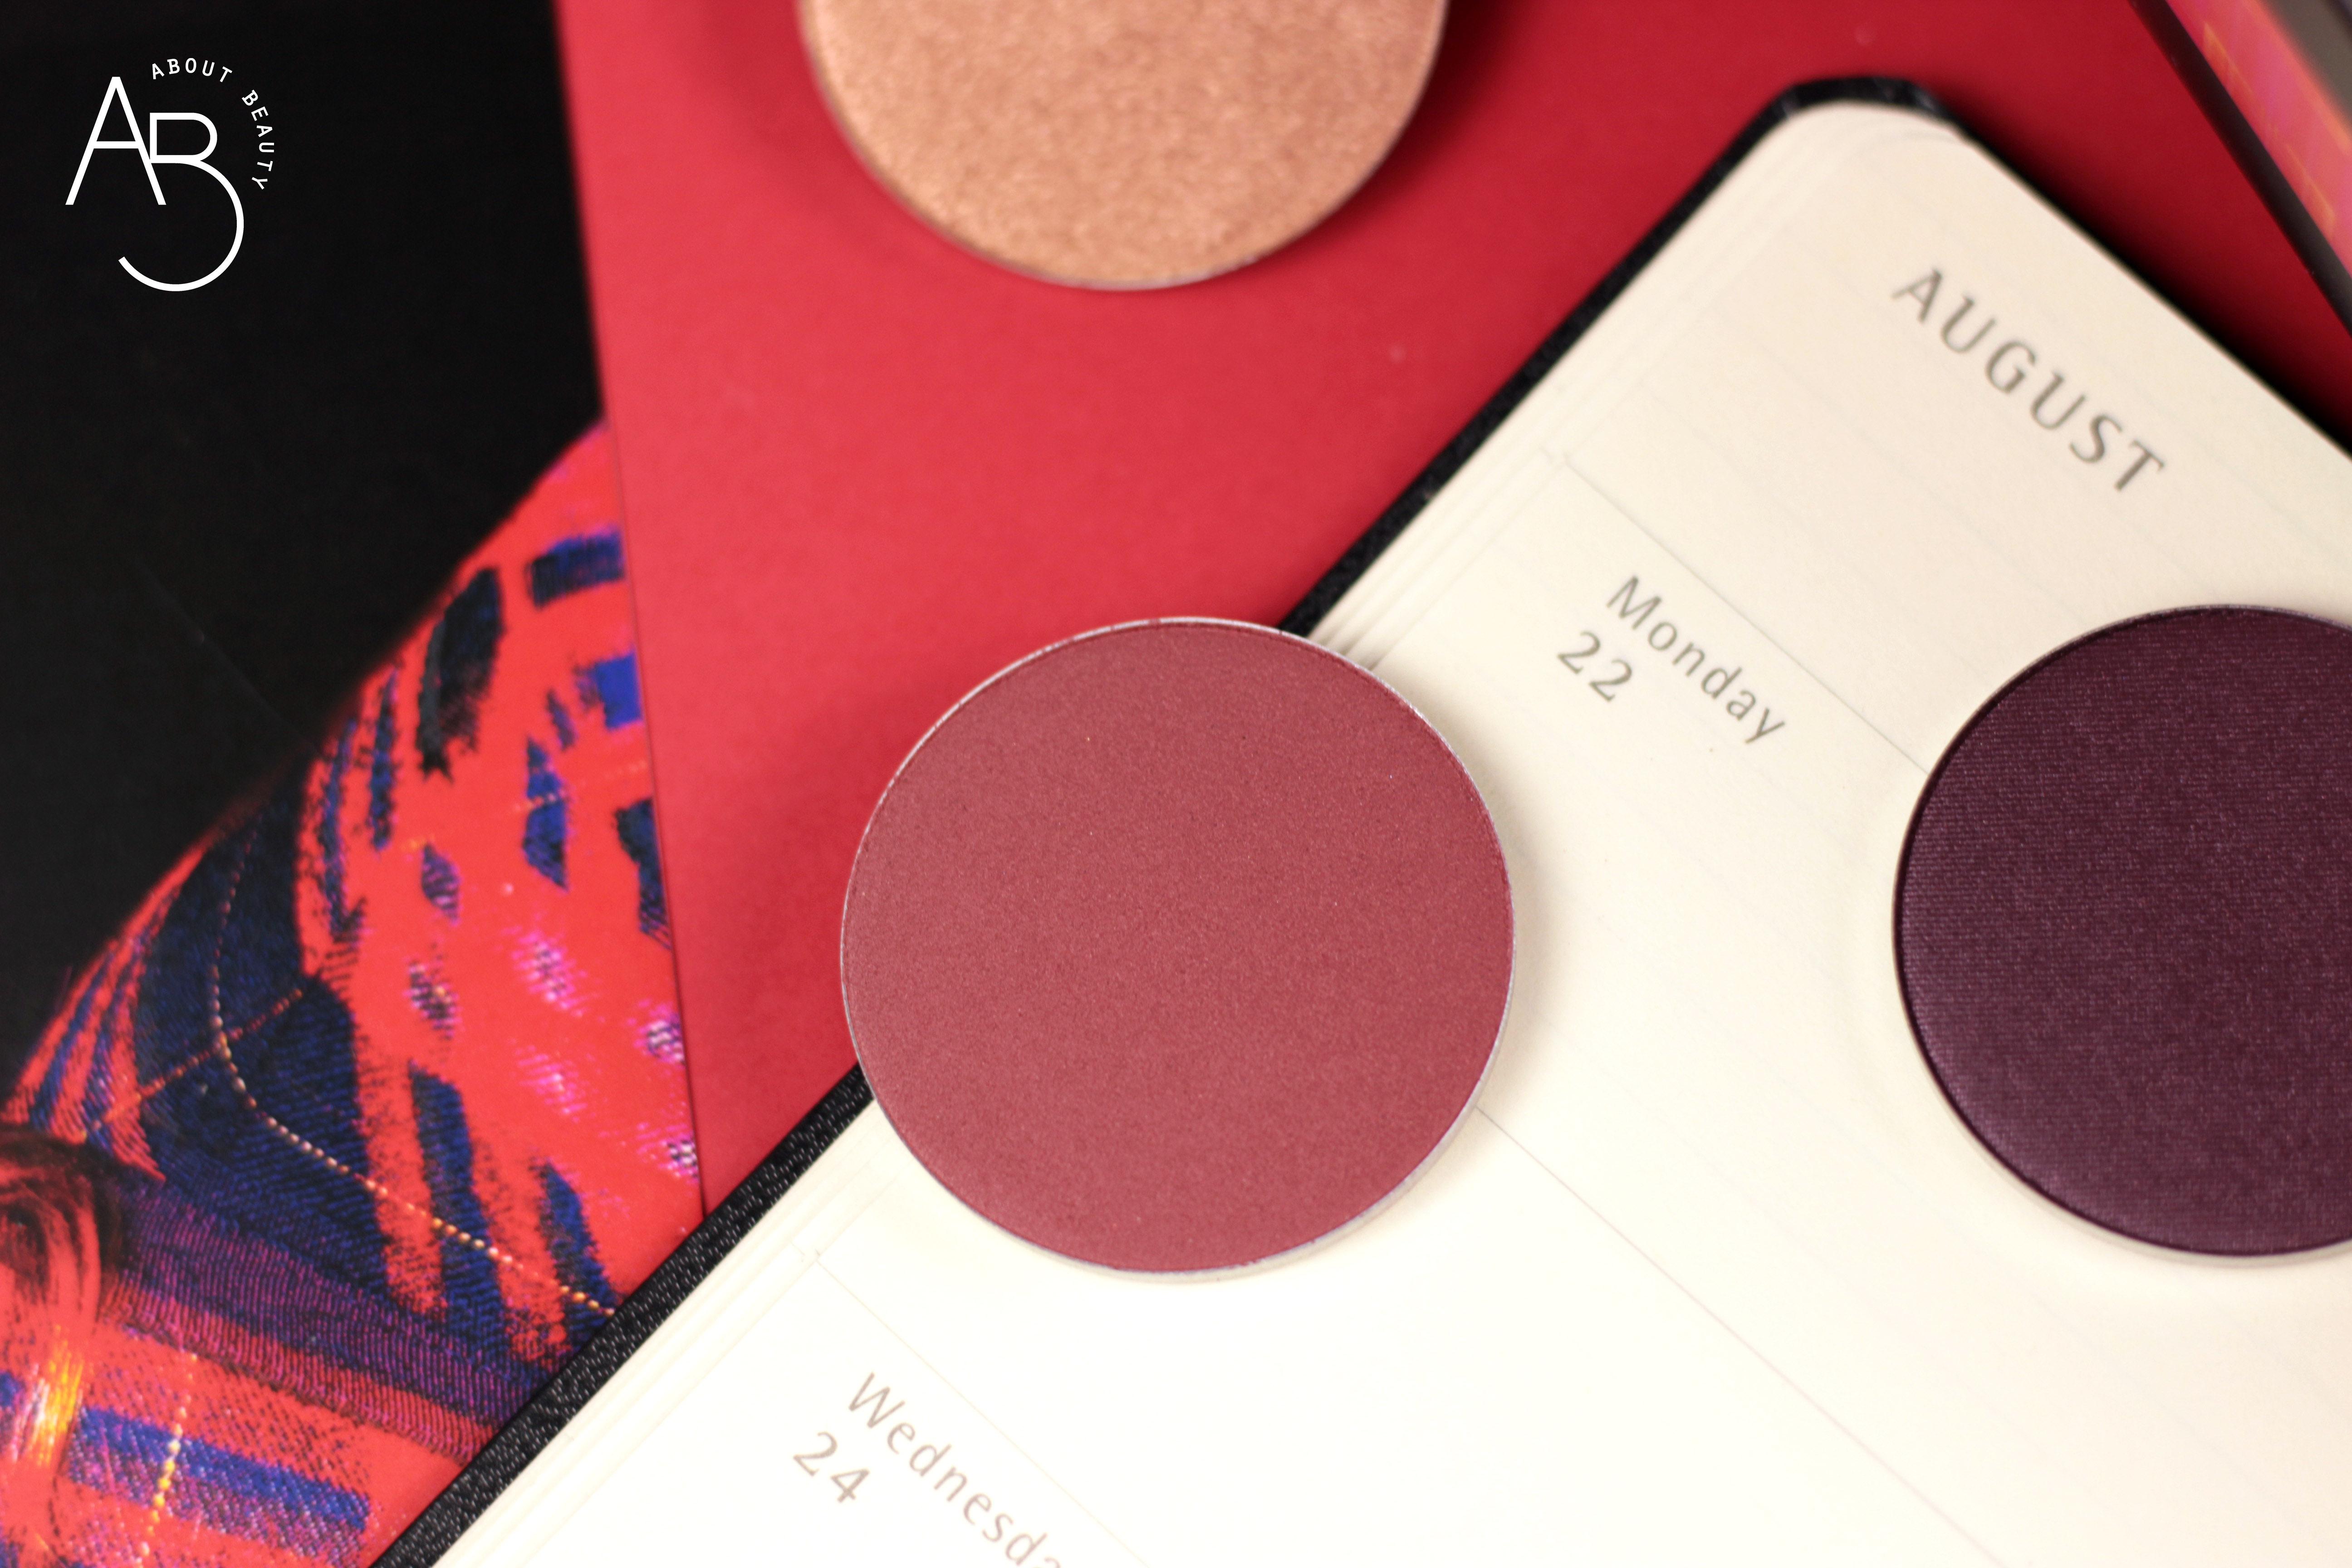 Neve Cosmetics Rebel Epoque - Review, recensione, opinioni, swatch, prezzo, dove acquistare, sconto - Blush Bruised